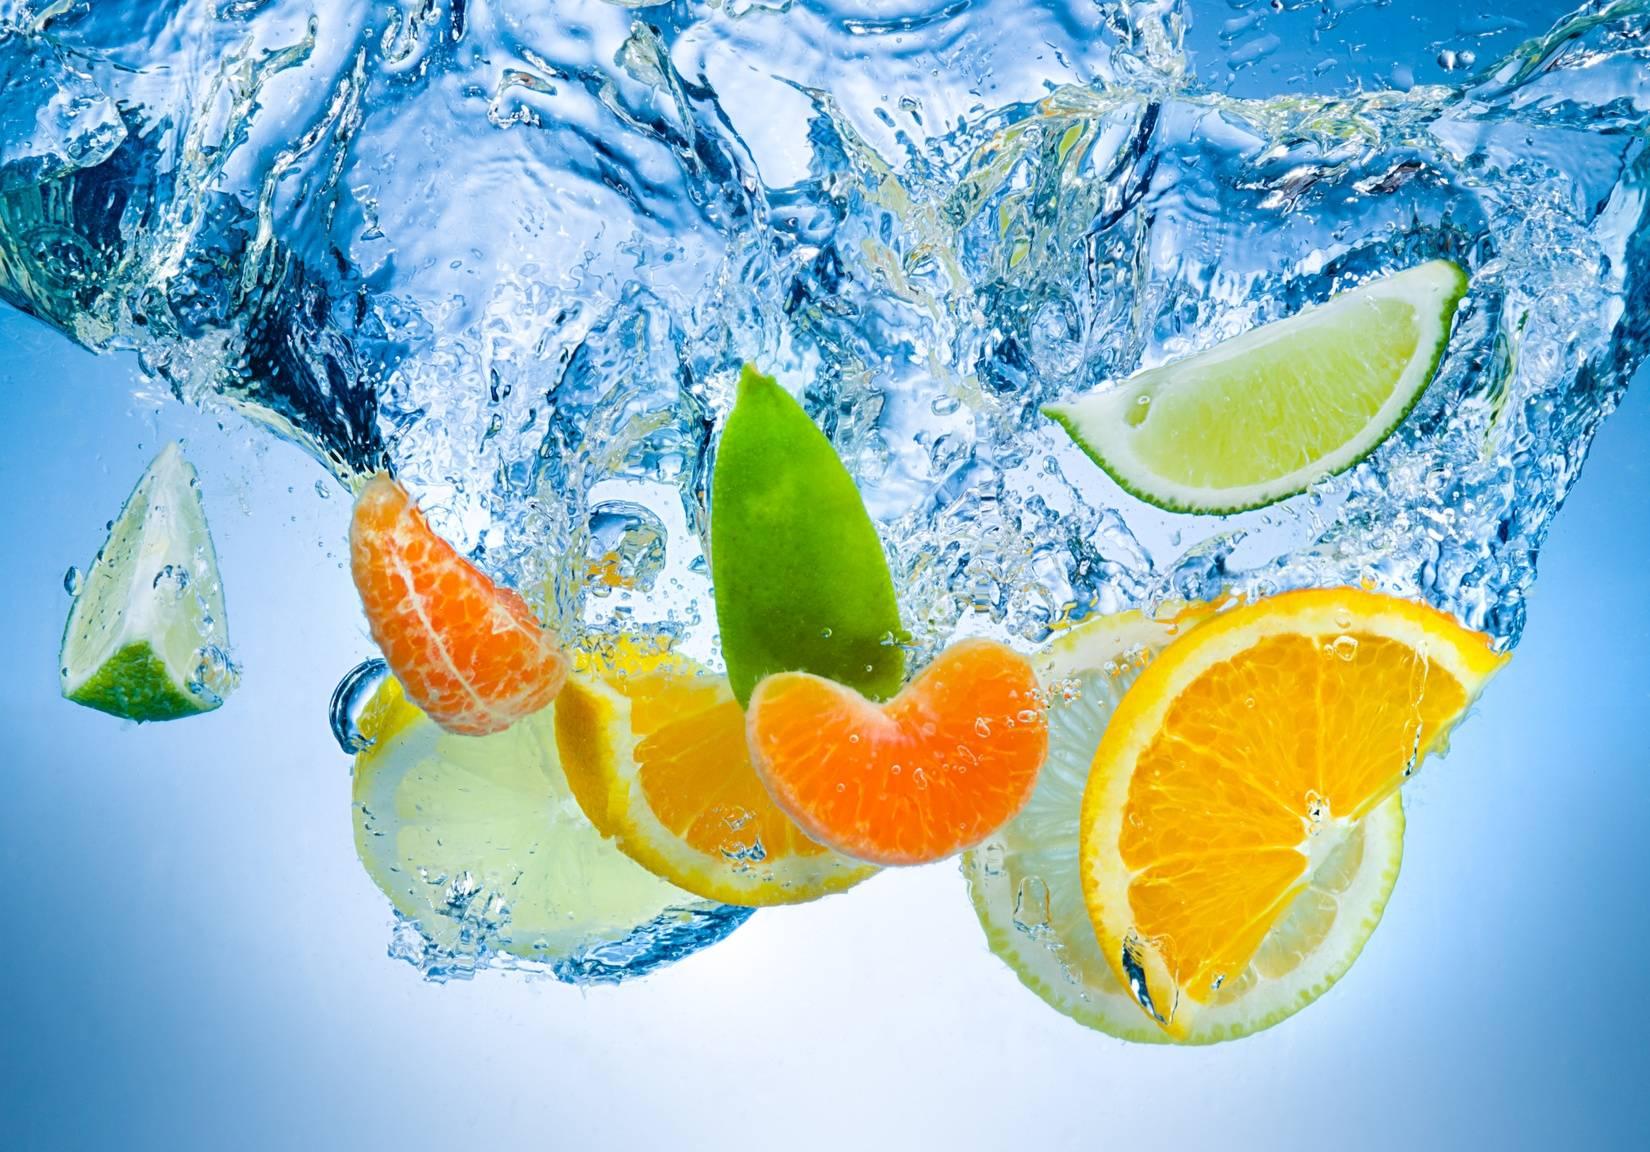 Wody smakowe - jak zrobić je domowym sposobem?